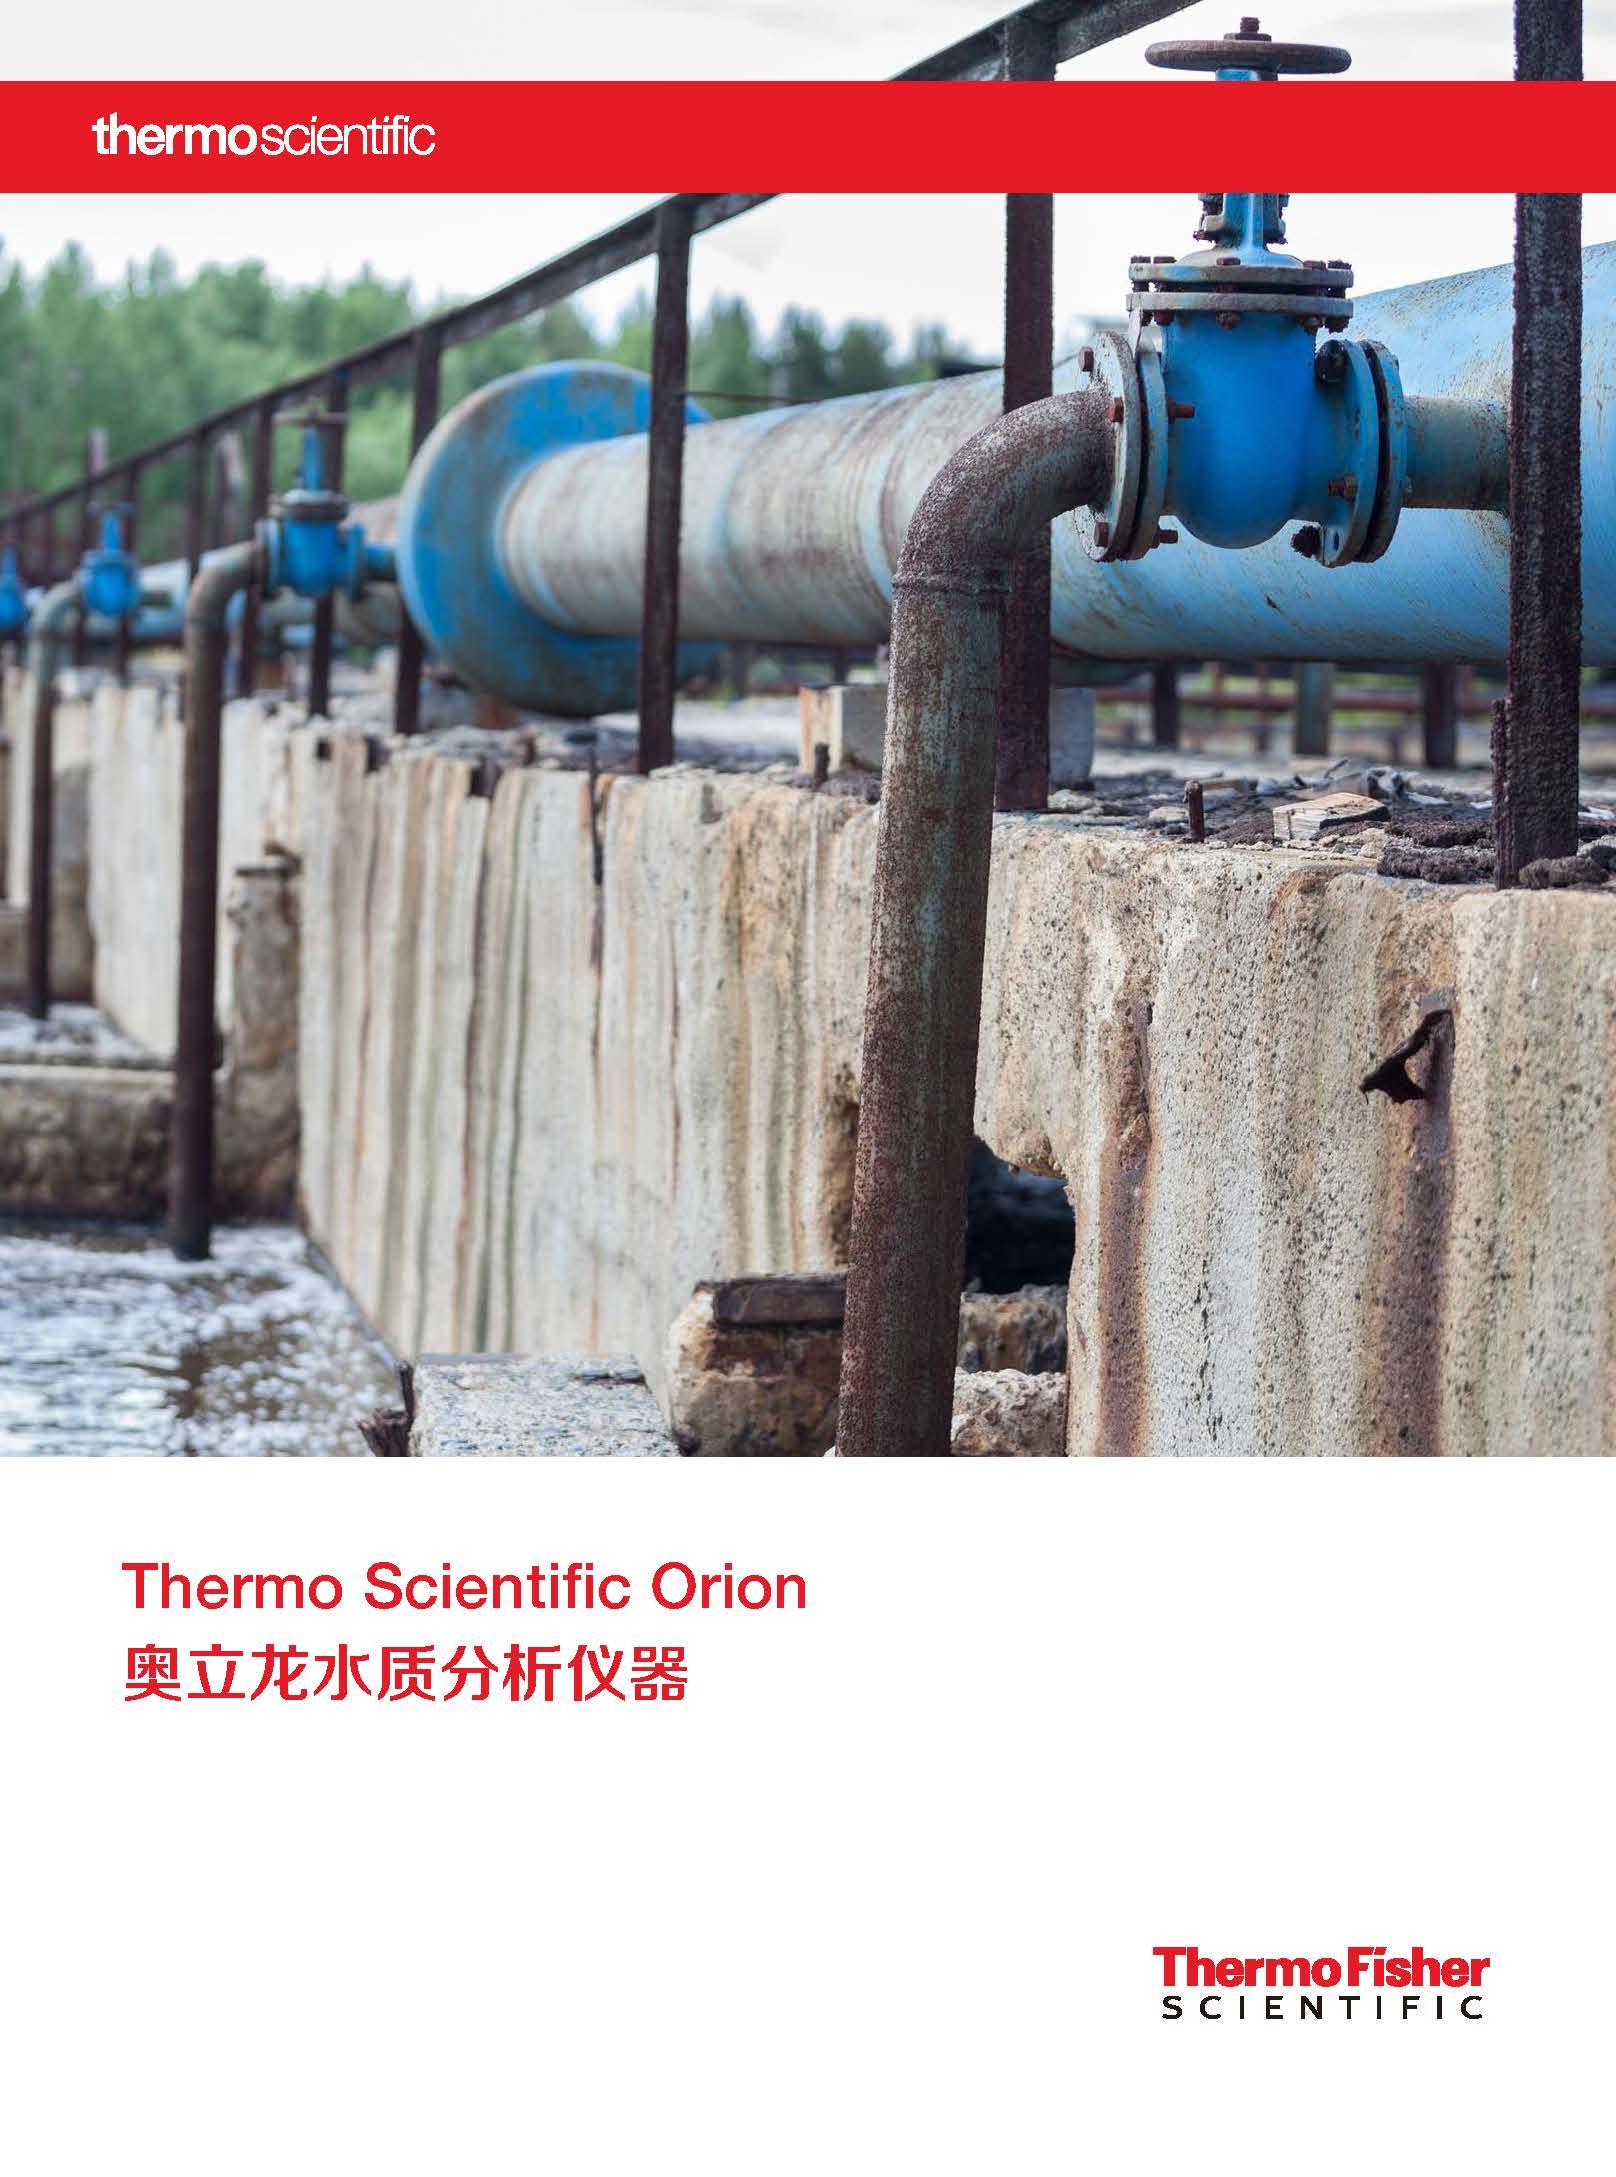 賽默飛-奧立龍水質分析儀器